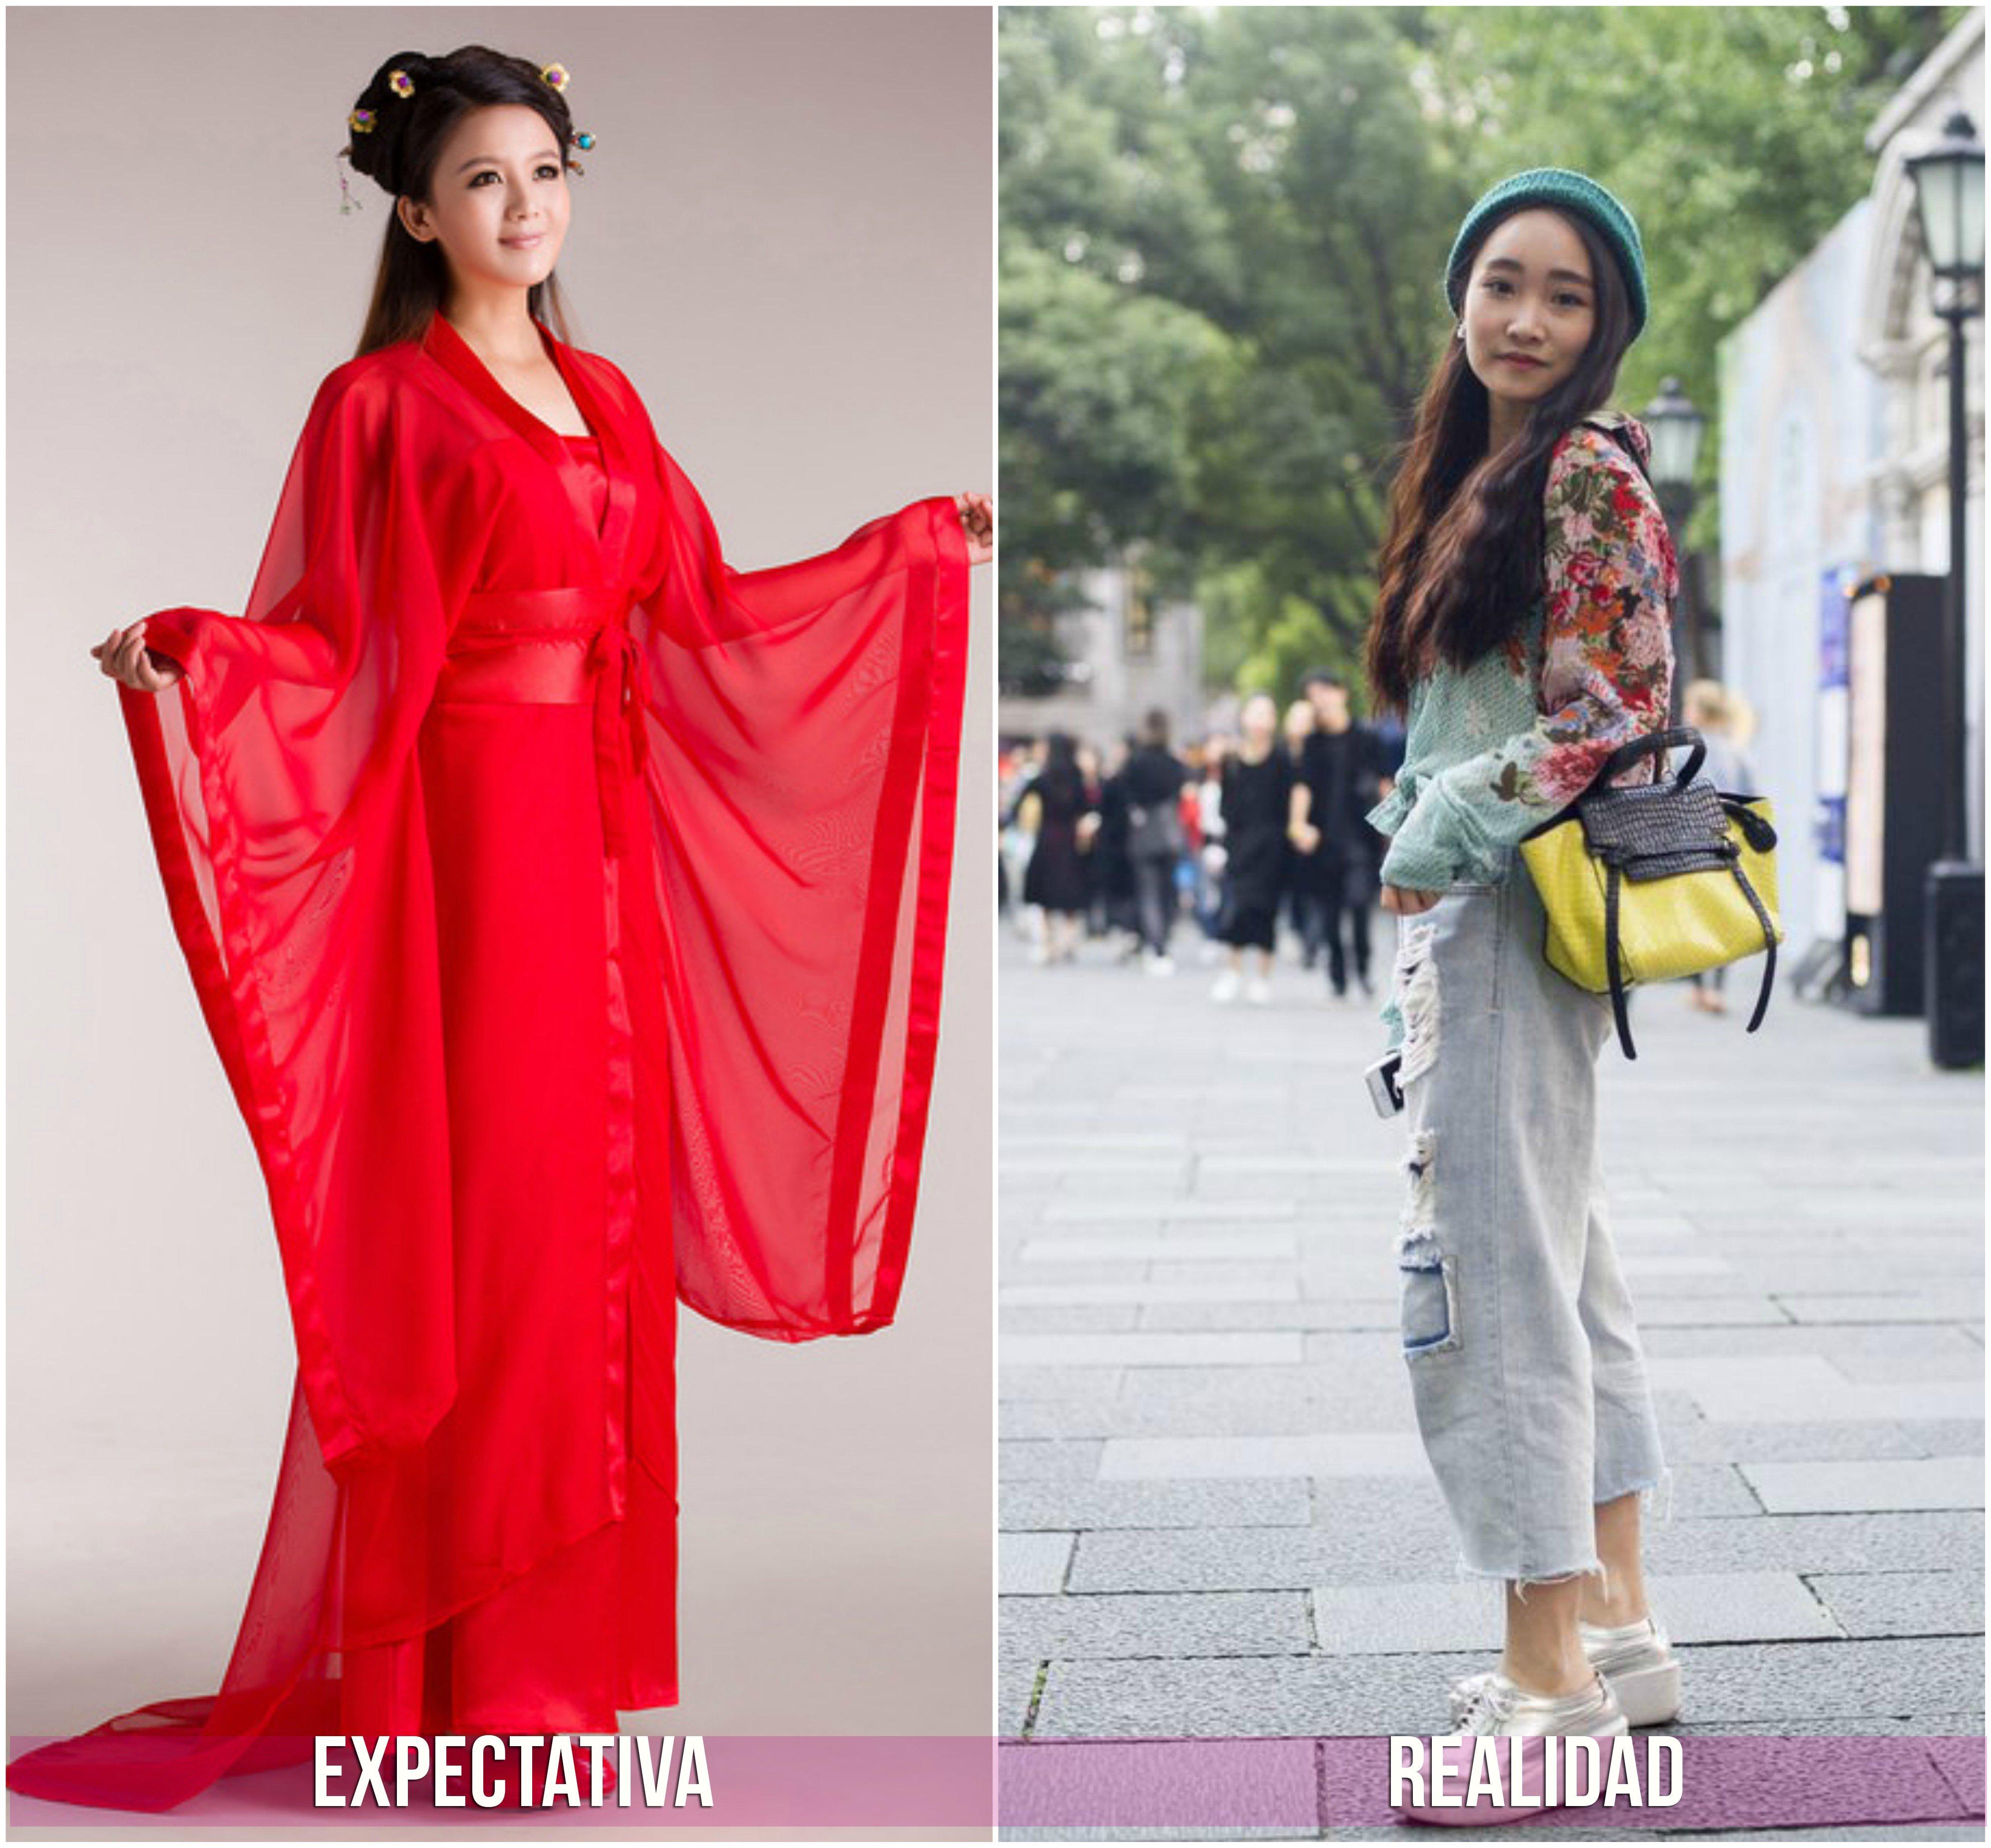 chinas expectativa realidad